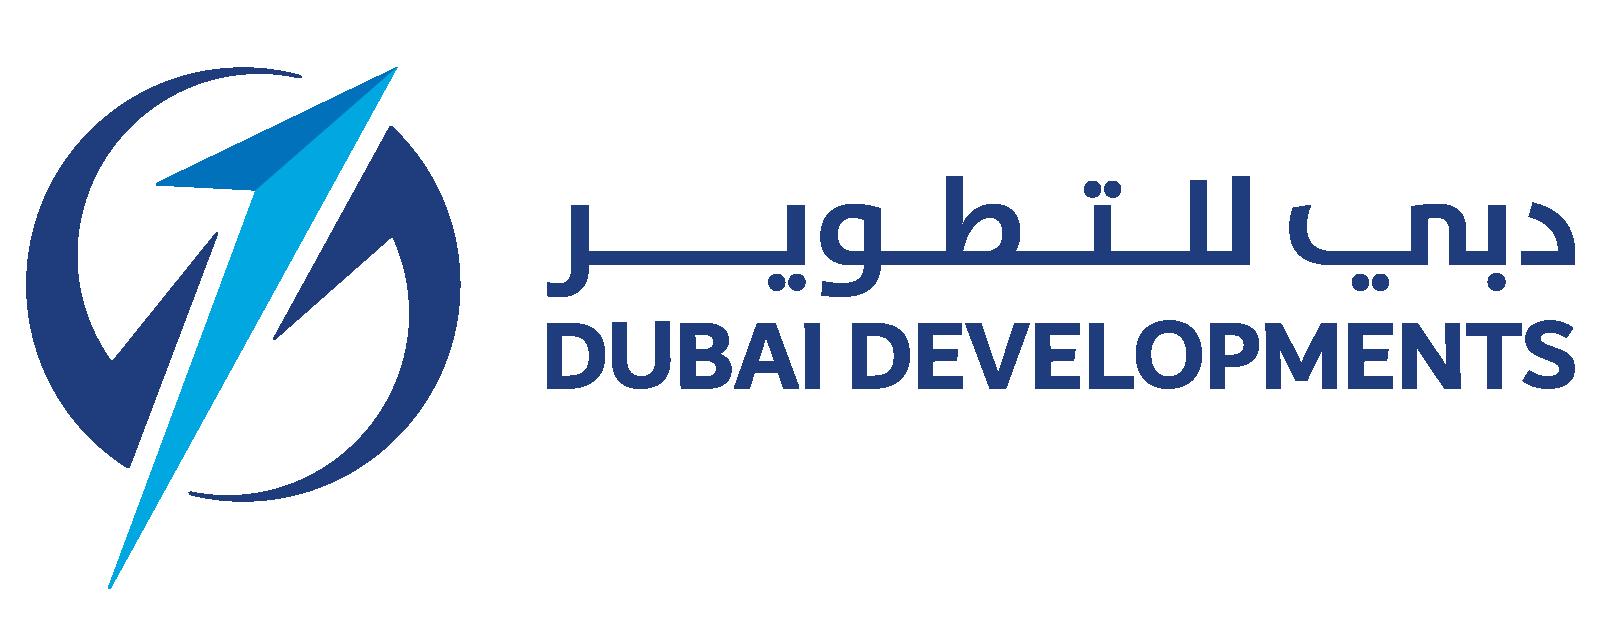 Dubai Developments